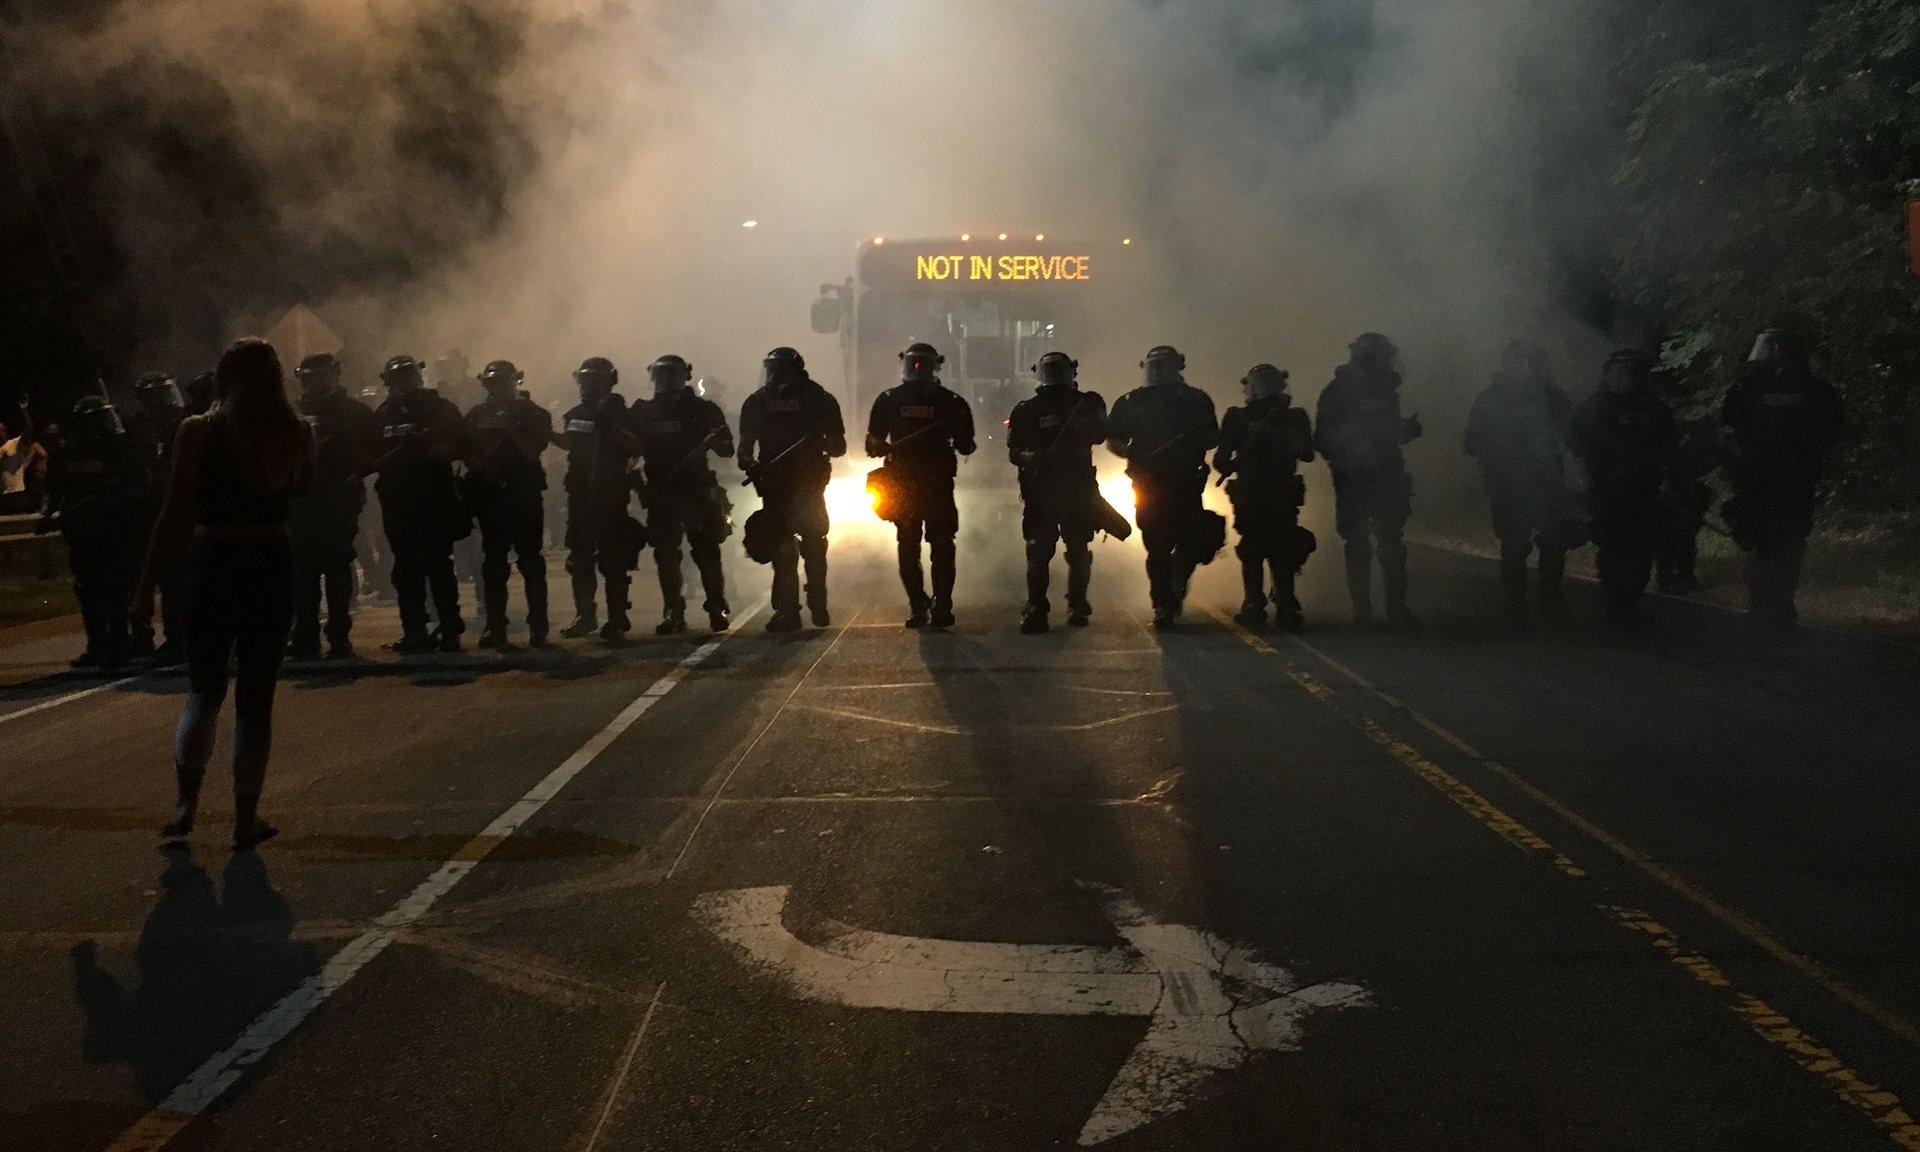 северная каролина шарлотта темнокожие чернокожие убийство 43 года мужчины полицейские полиция беспорядки выступления стычки новости фото жизнь отвратительные мужики